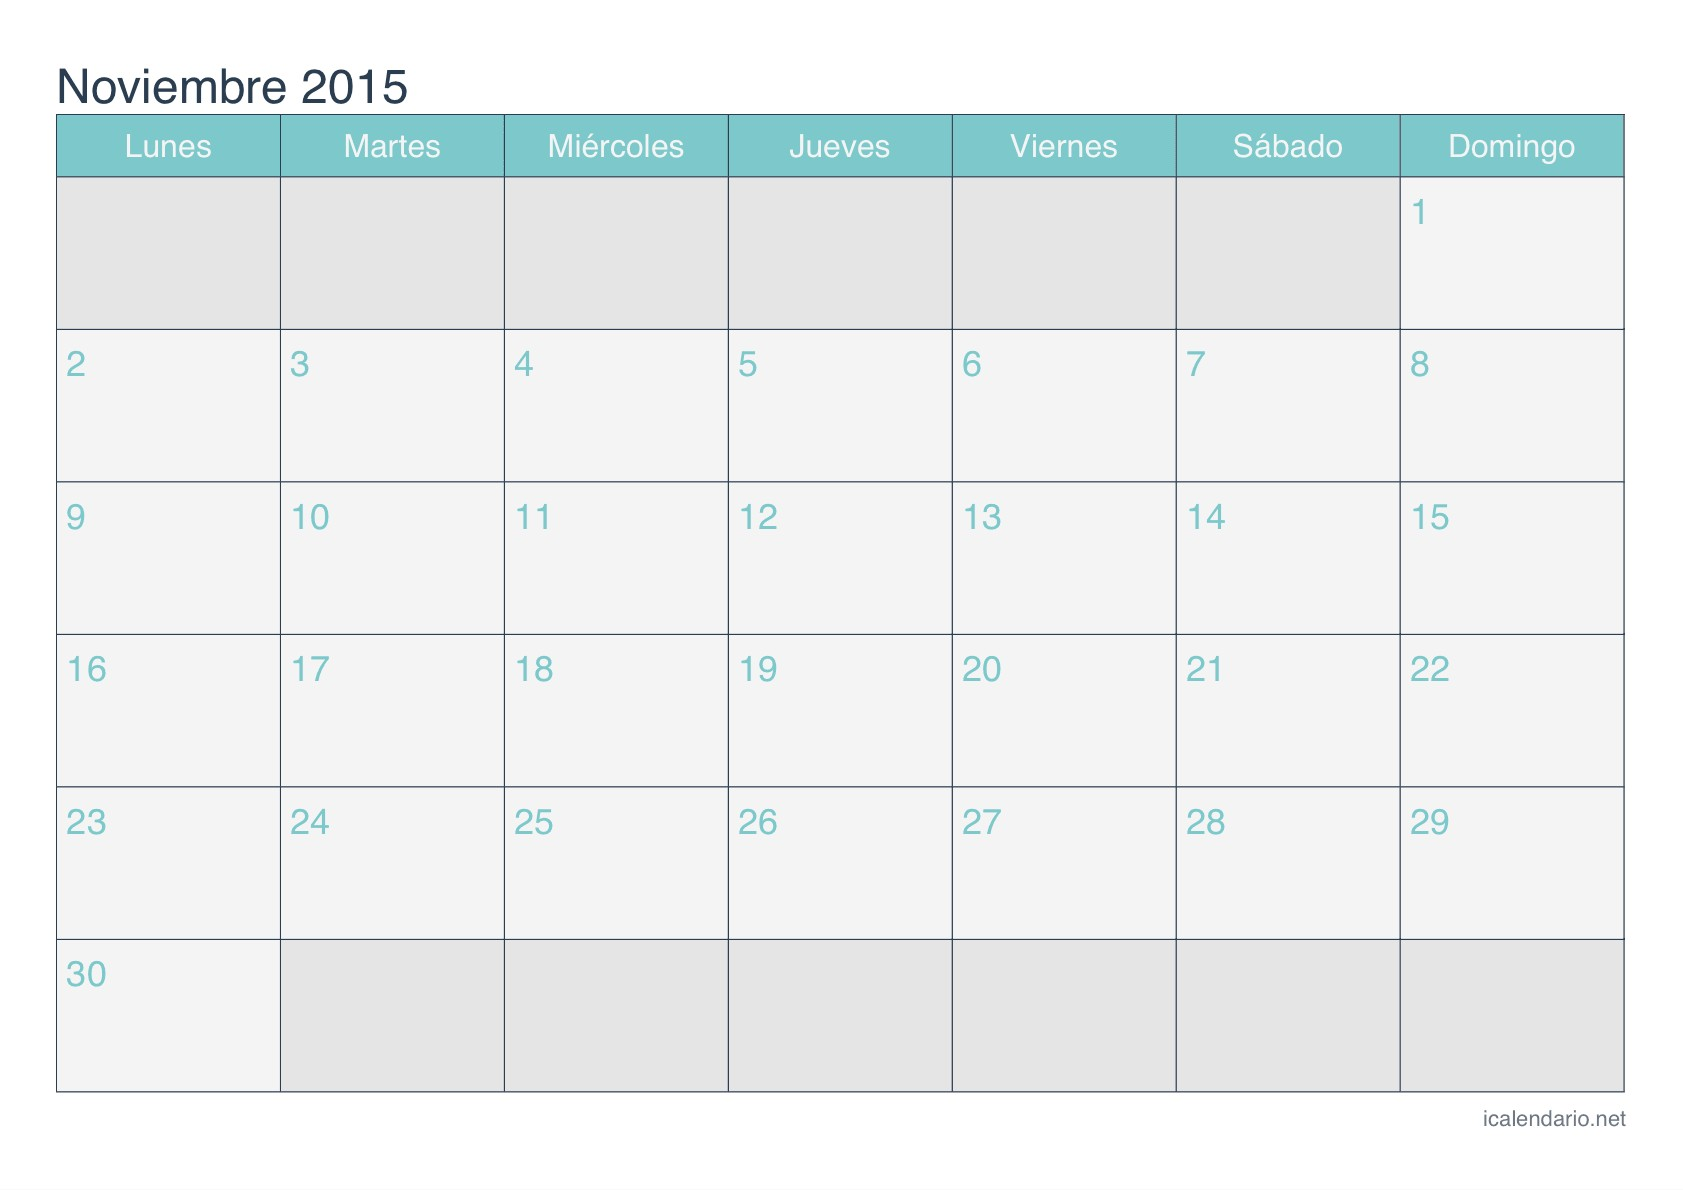 Calendario Dias Feriados Venezuela 2020 Más Recientes 25 Unique Calendario 2015 Of Calendario Dias Feriados Venezuela 2020 Más Caliente Texto Consolidado R2447 — Es — 21 04 2018